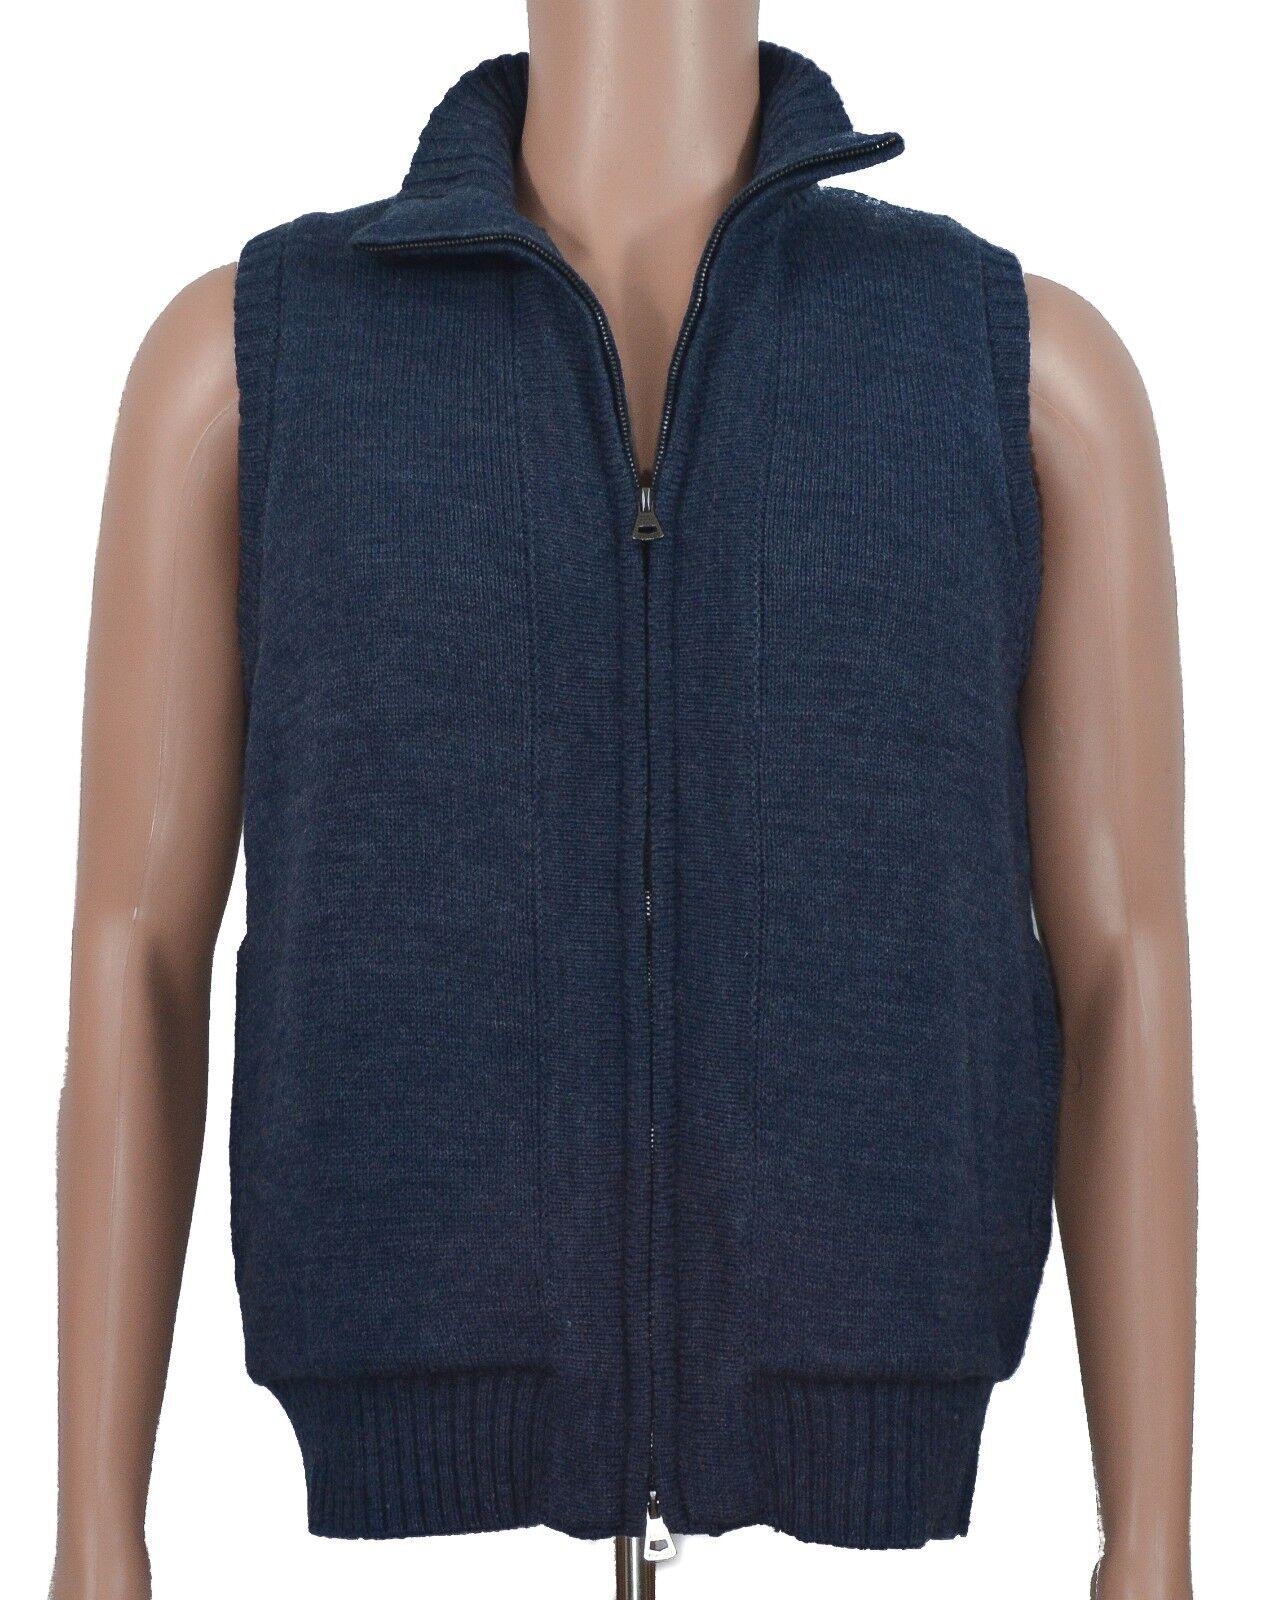 Weatherproof #121 Men's Warm Liner Full Zip Sweater Vest M | eBay